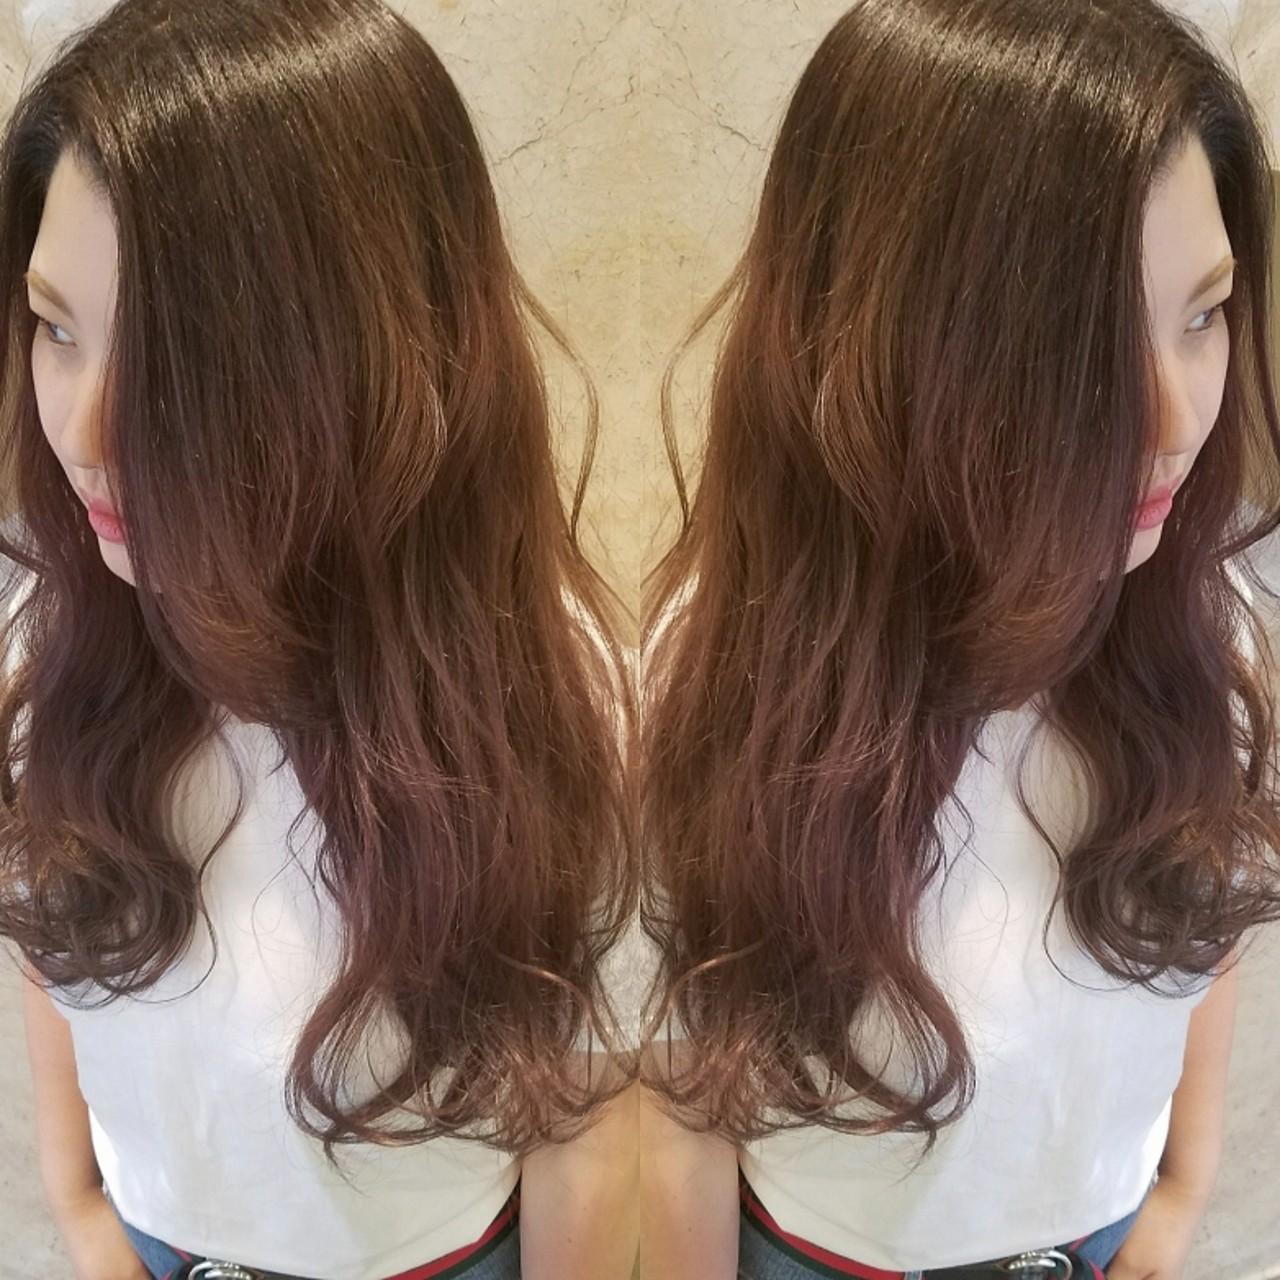 ミディアム グラデーションカラー ストリート ダブルカラー ヘアスタイルや髪型の写真・画像